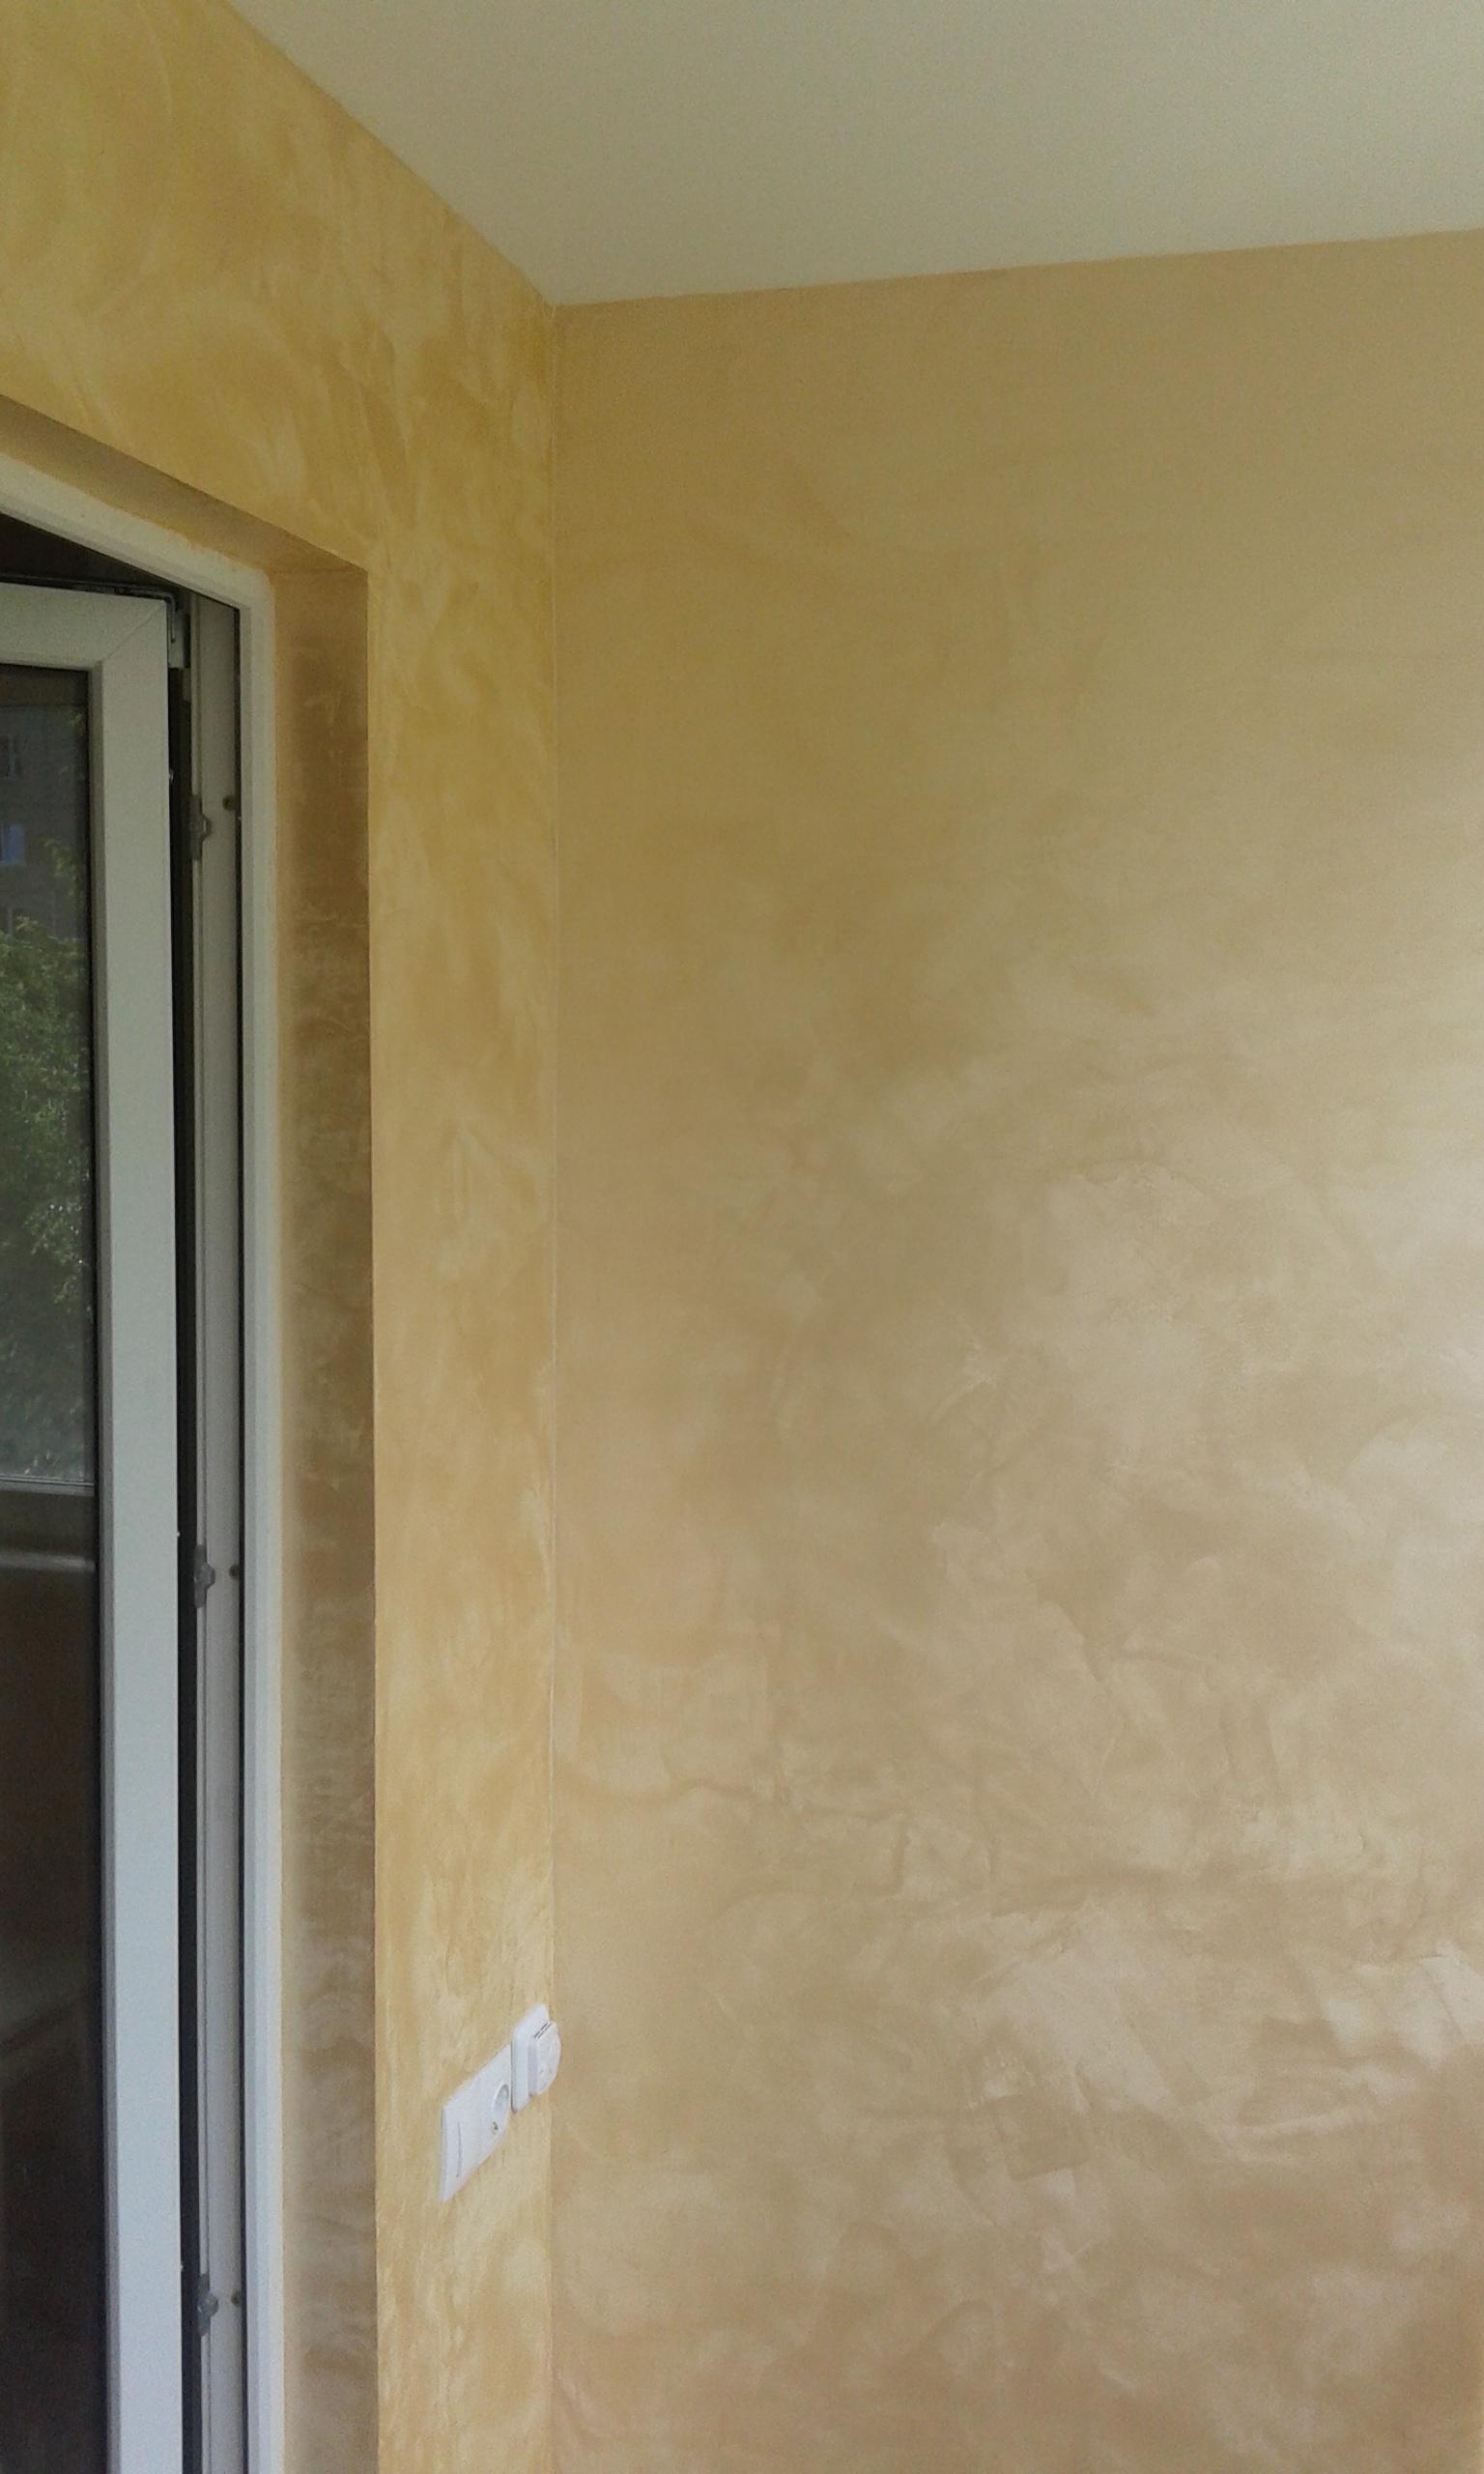 Ремонт балкона своими руками декоративной штукатуркой